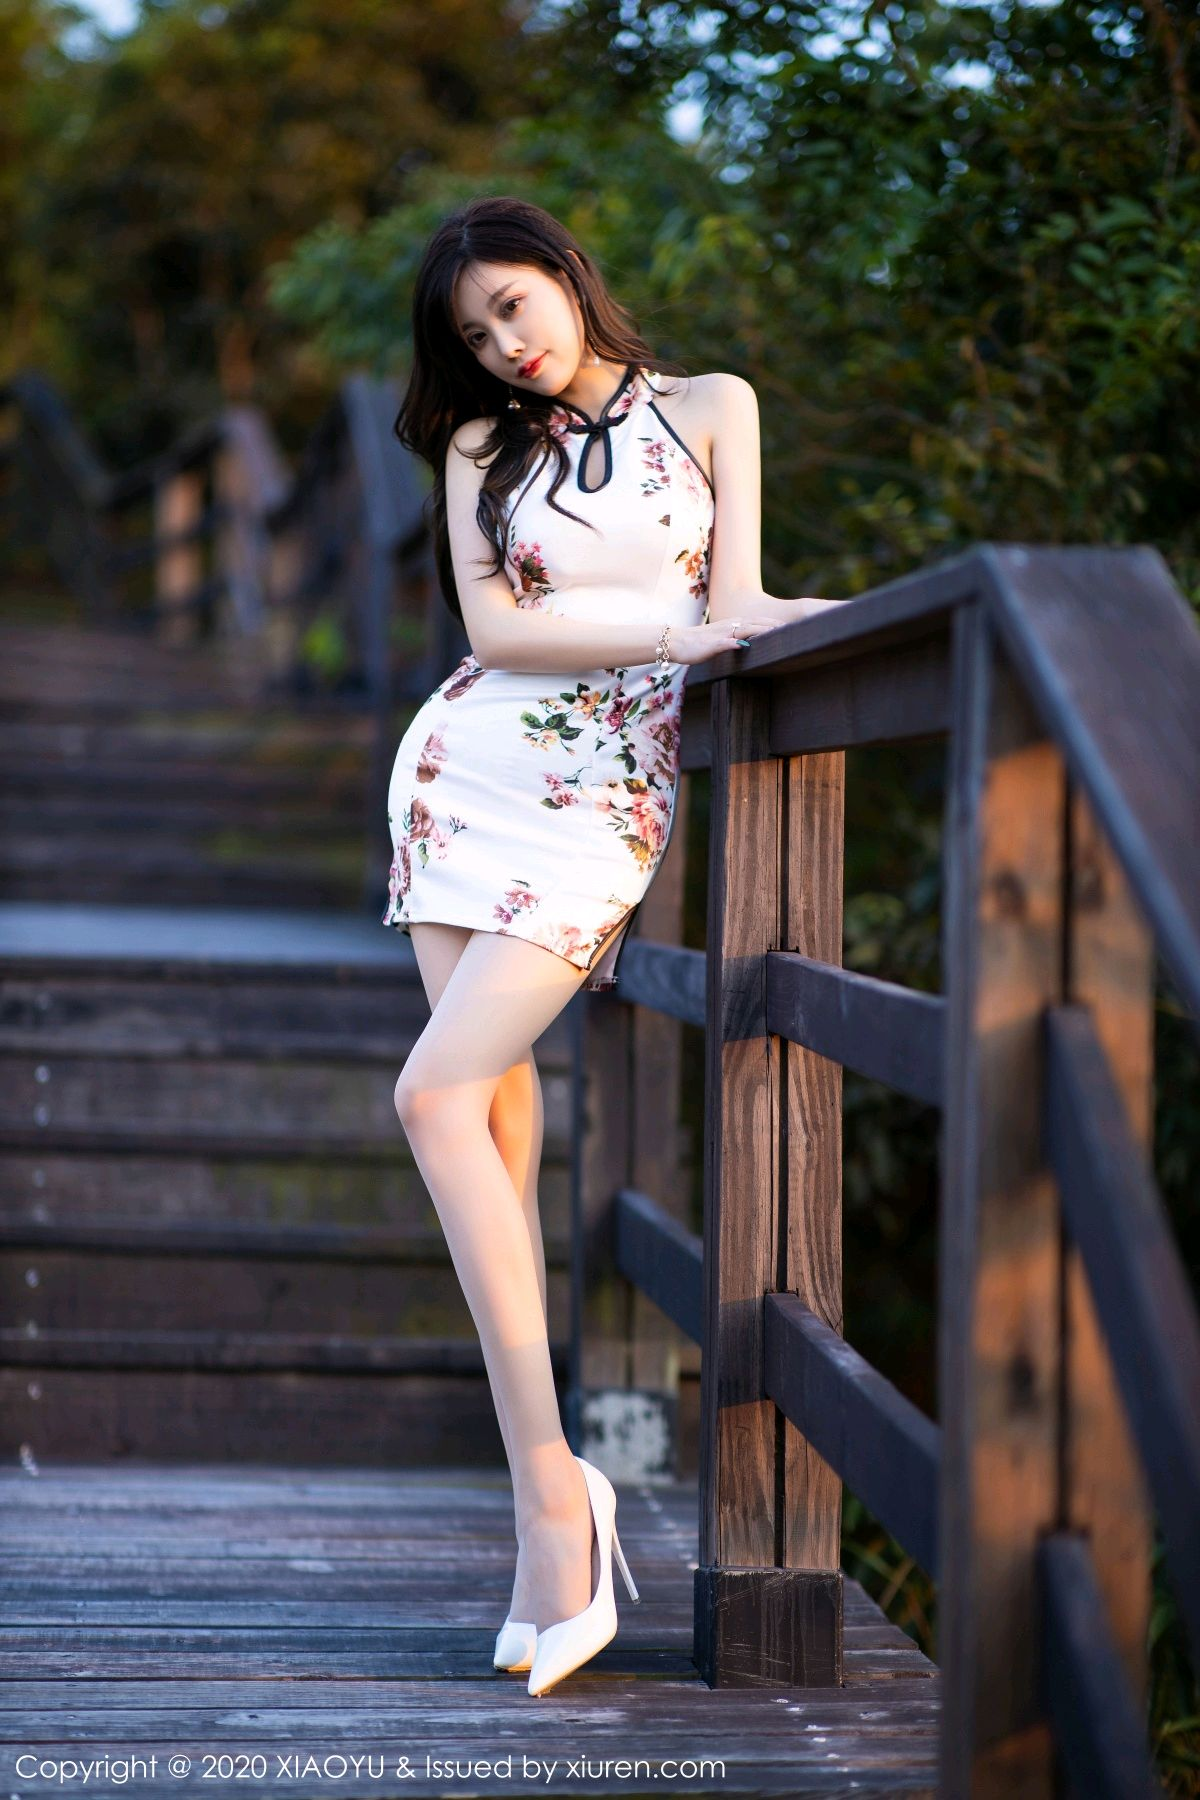 [XiaoYu] Vol.233 Yang Chen Chen 52P, Cheongsam, Foot, XiaoYu, Yang Chen Chen